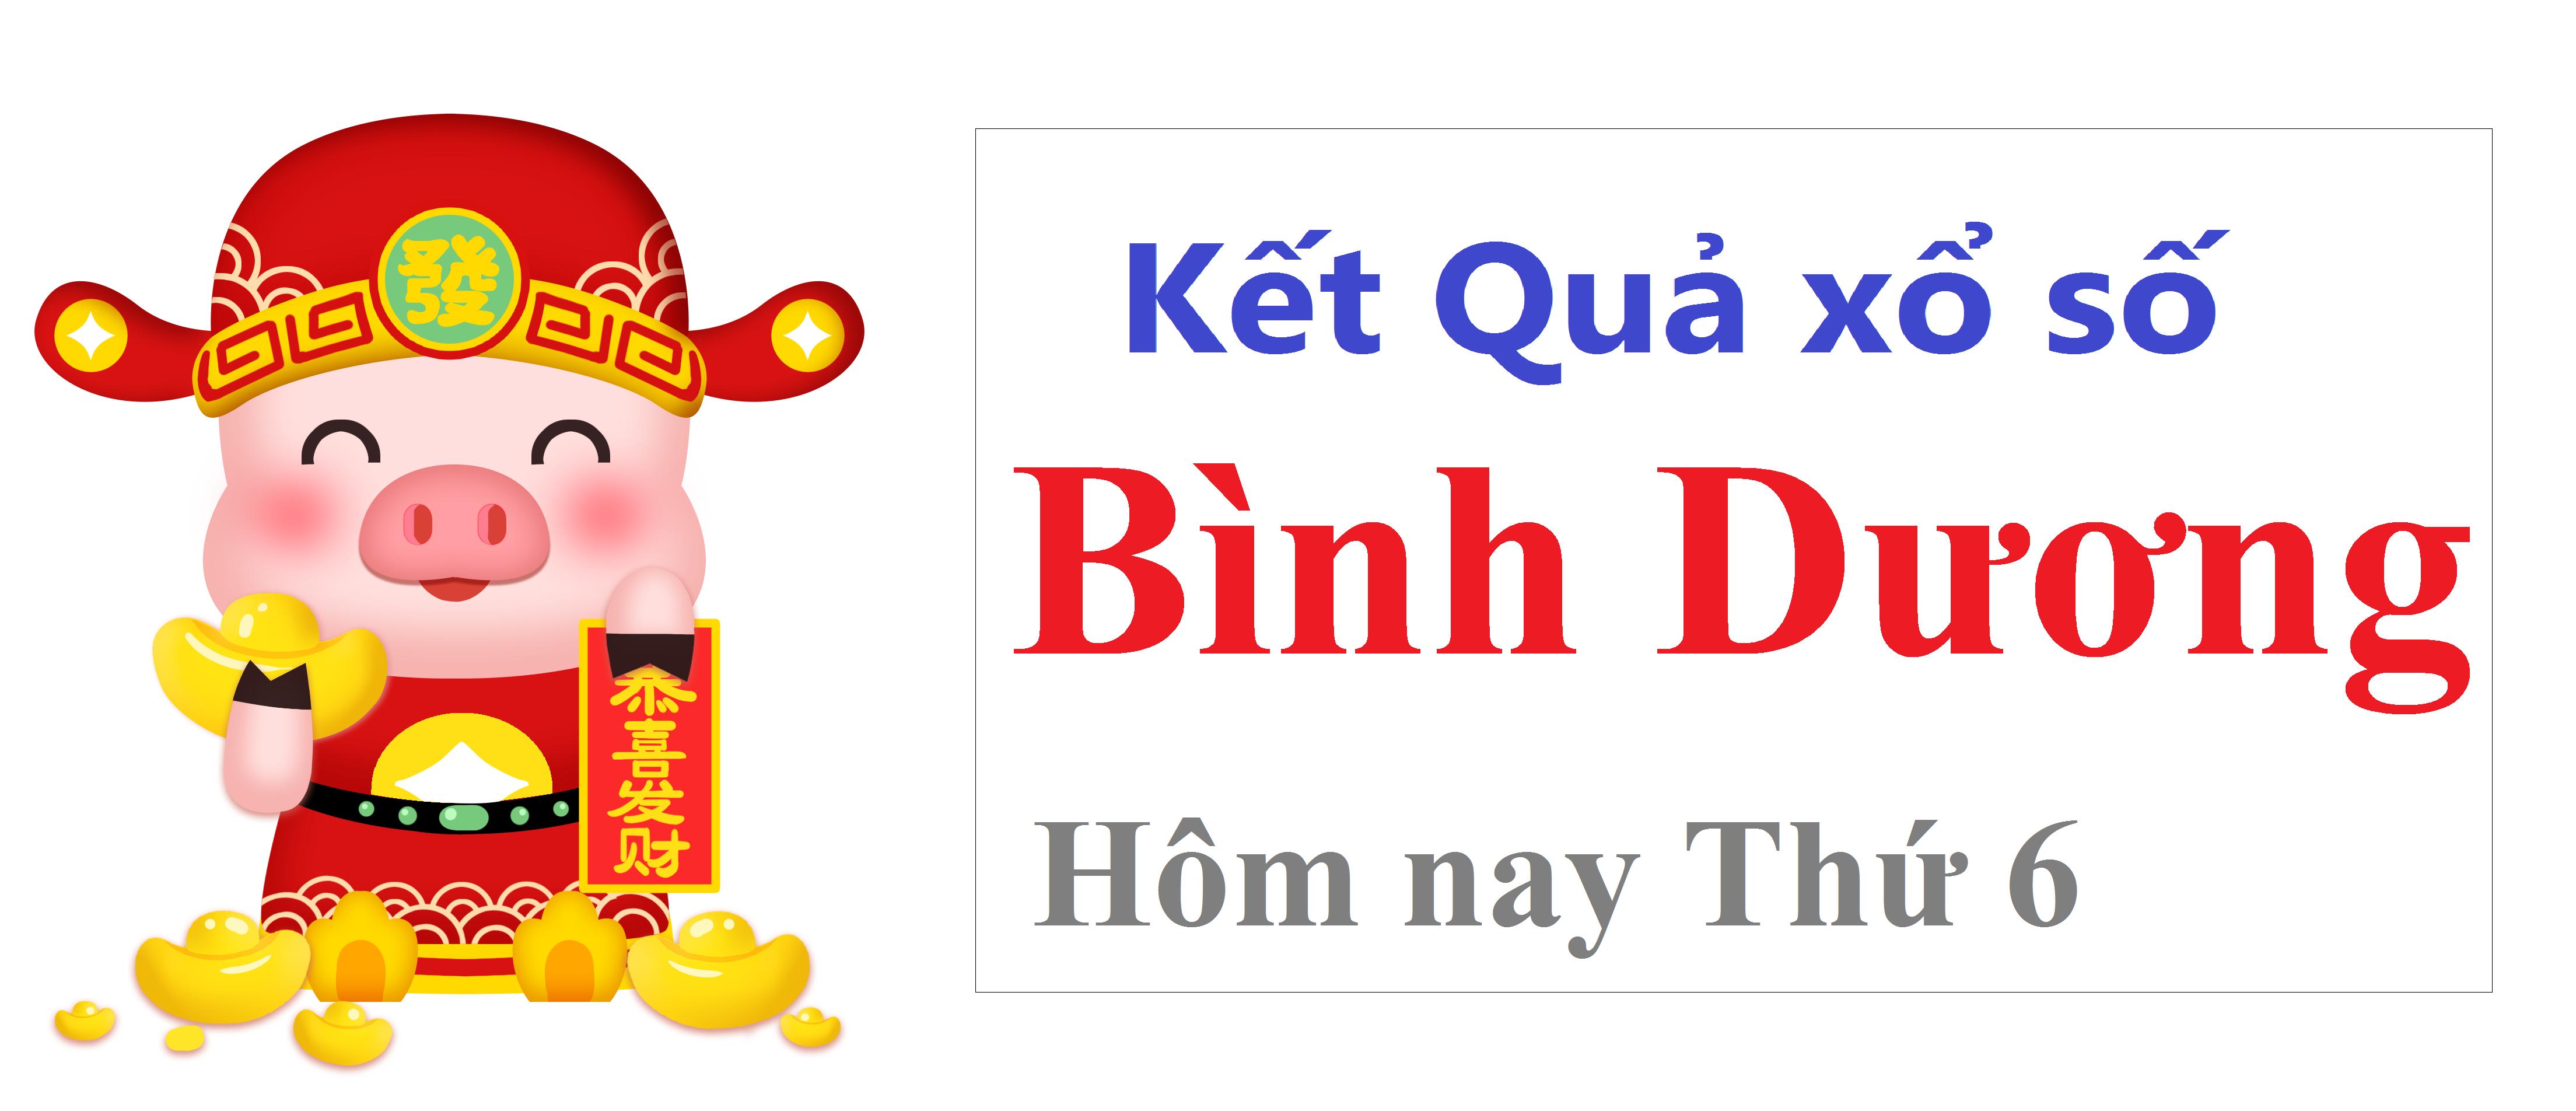 Xsbd 10 7 Kết Quả Xổ Số Binh Dương Hom Nay Thứ 6 Ngay 10 7 2020